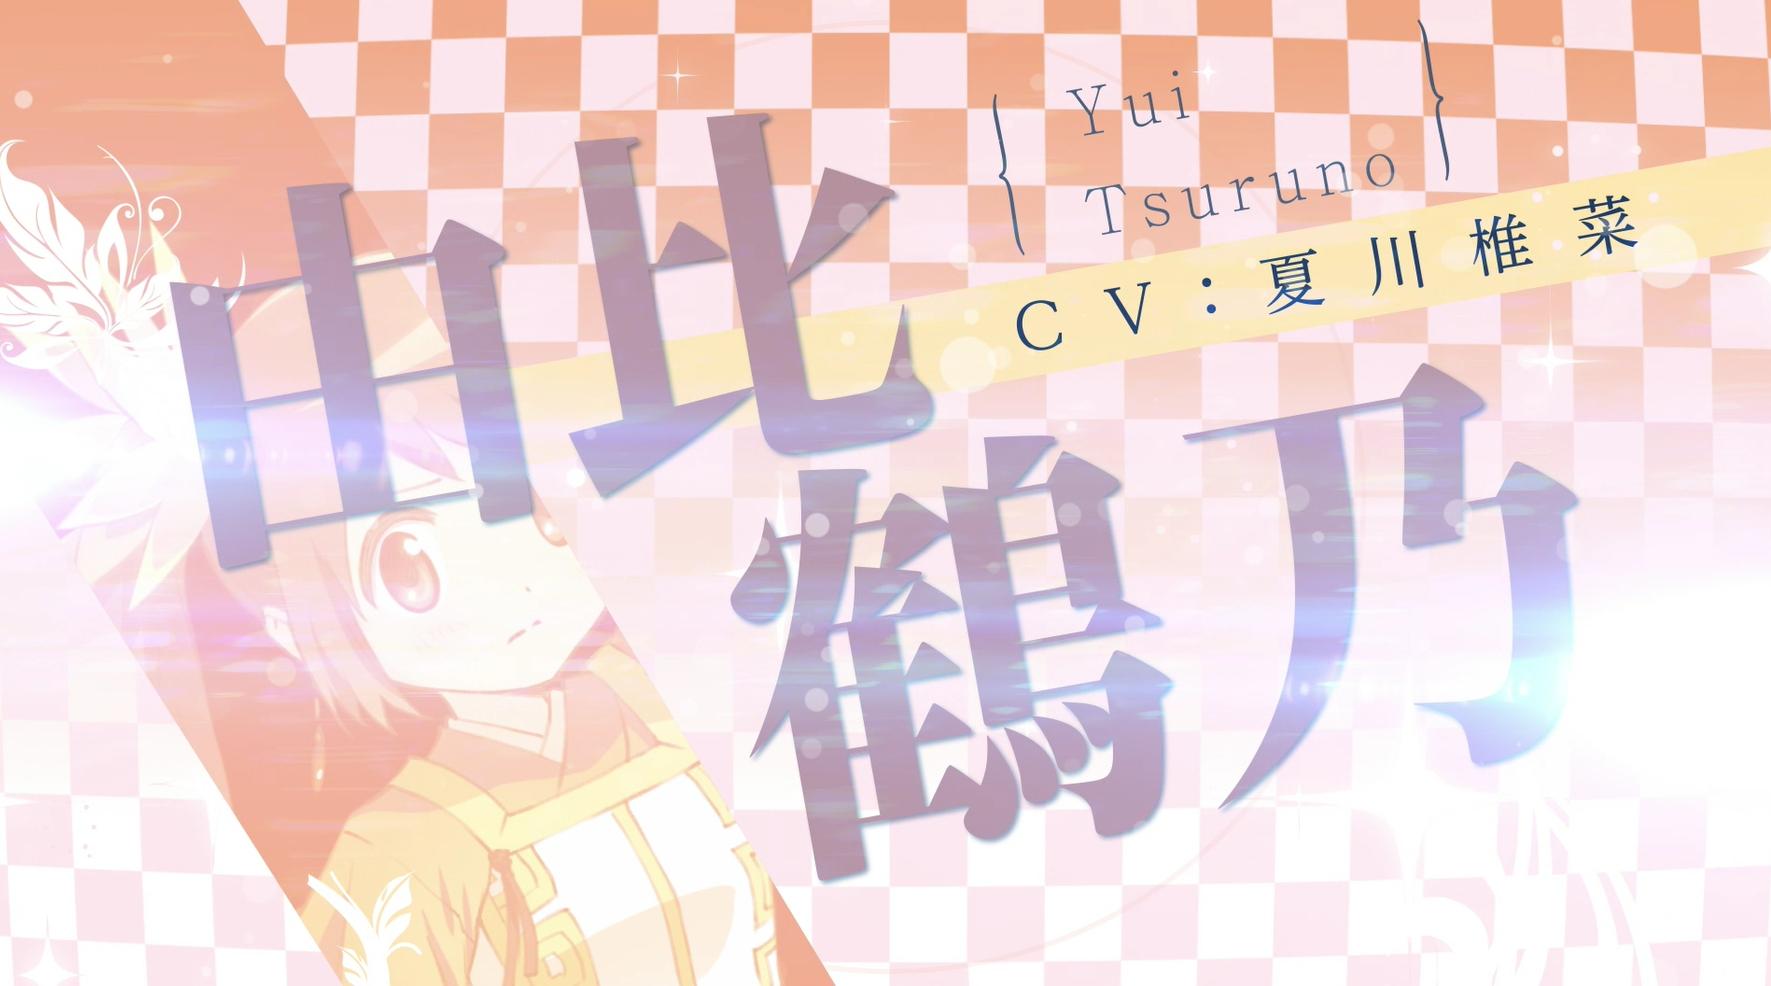 マギアレコード 魔法少女まどか☆マギカ外伝の画像 p1_11